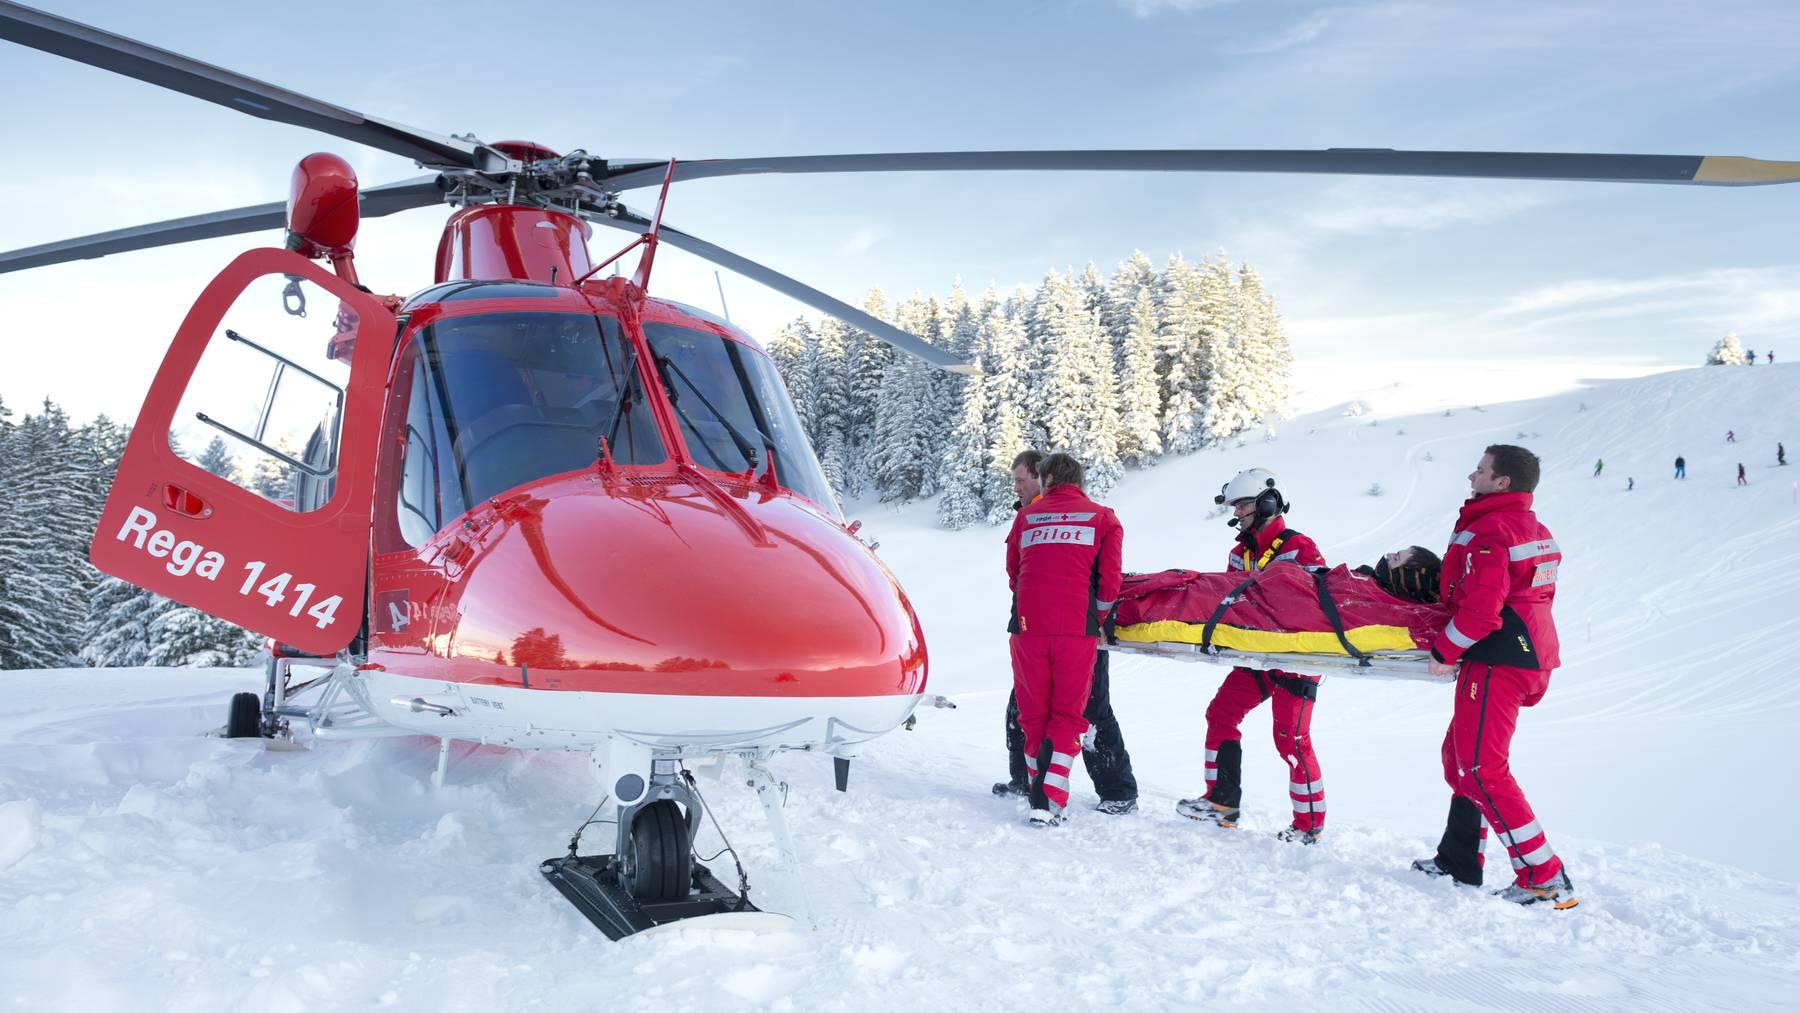 Rega im Dauereinsatz für Wintersportler